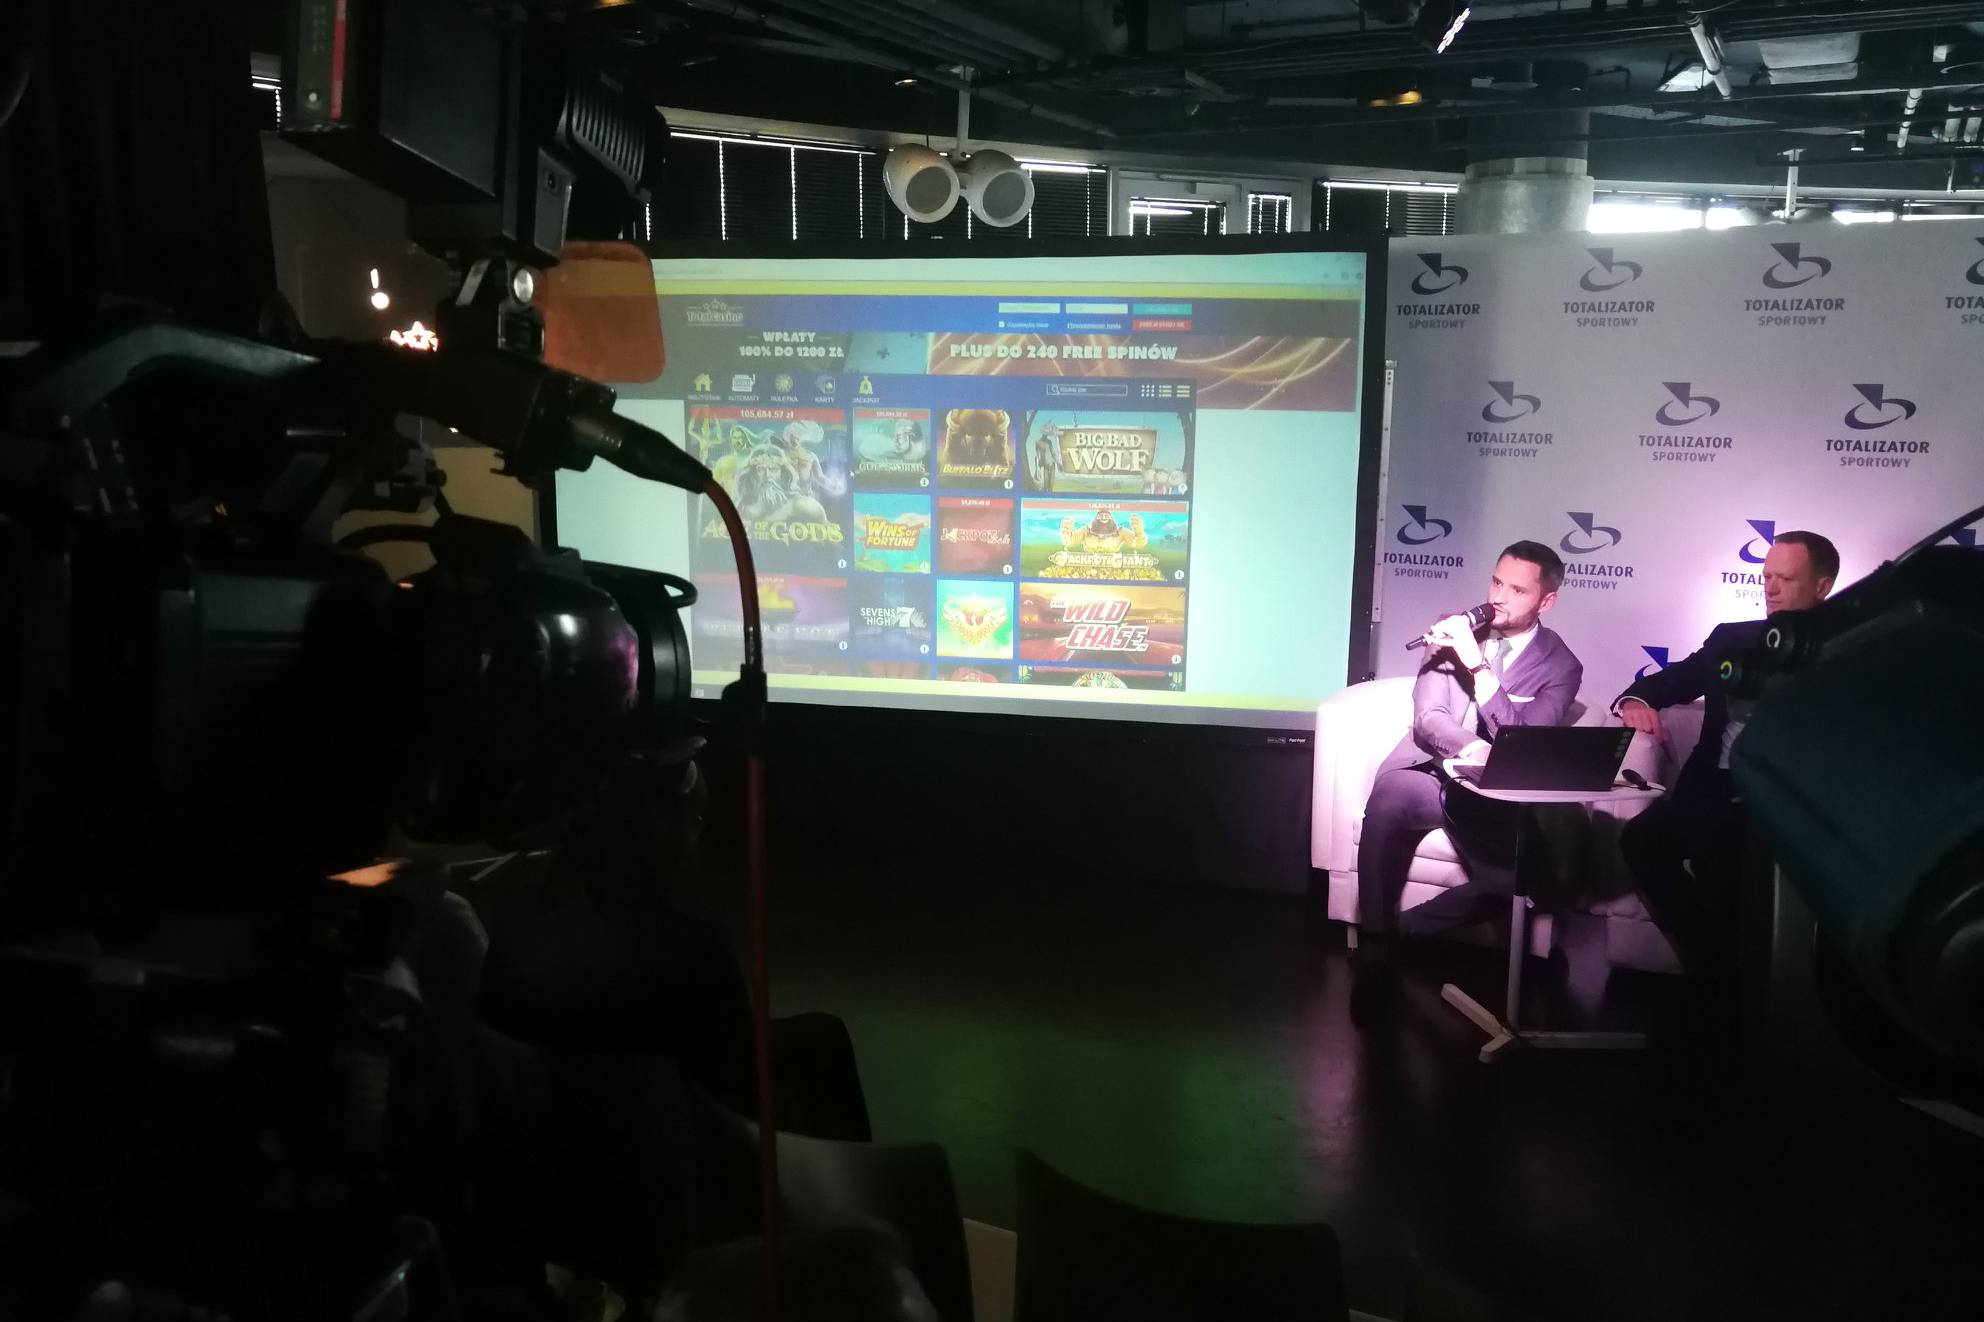 Przedstawiciele firmy na konferencji prasowej kreującej wizerunek medialny